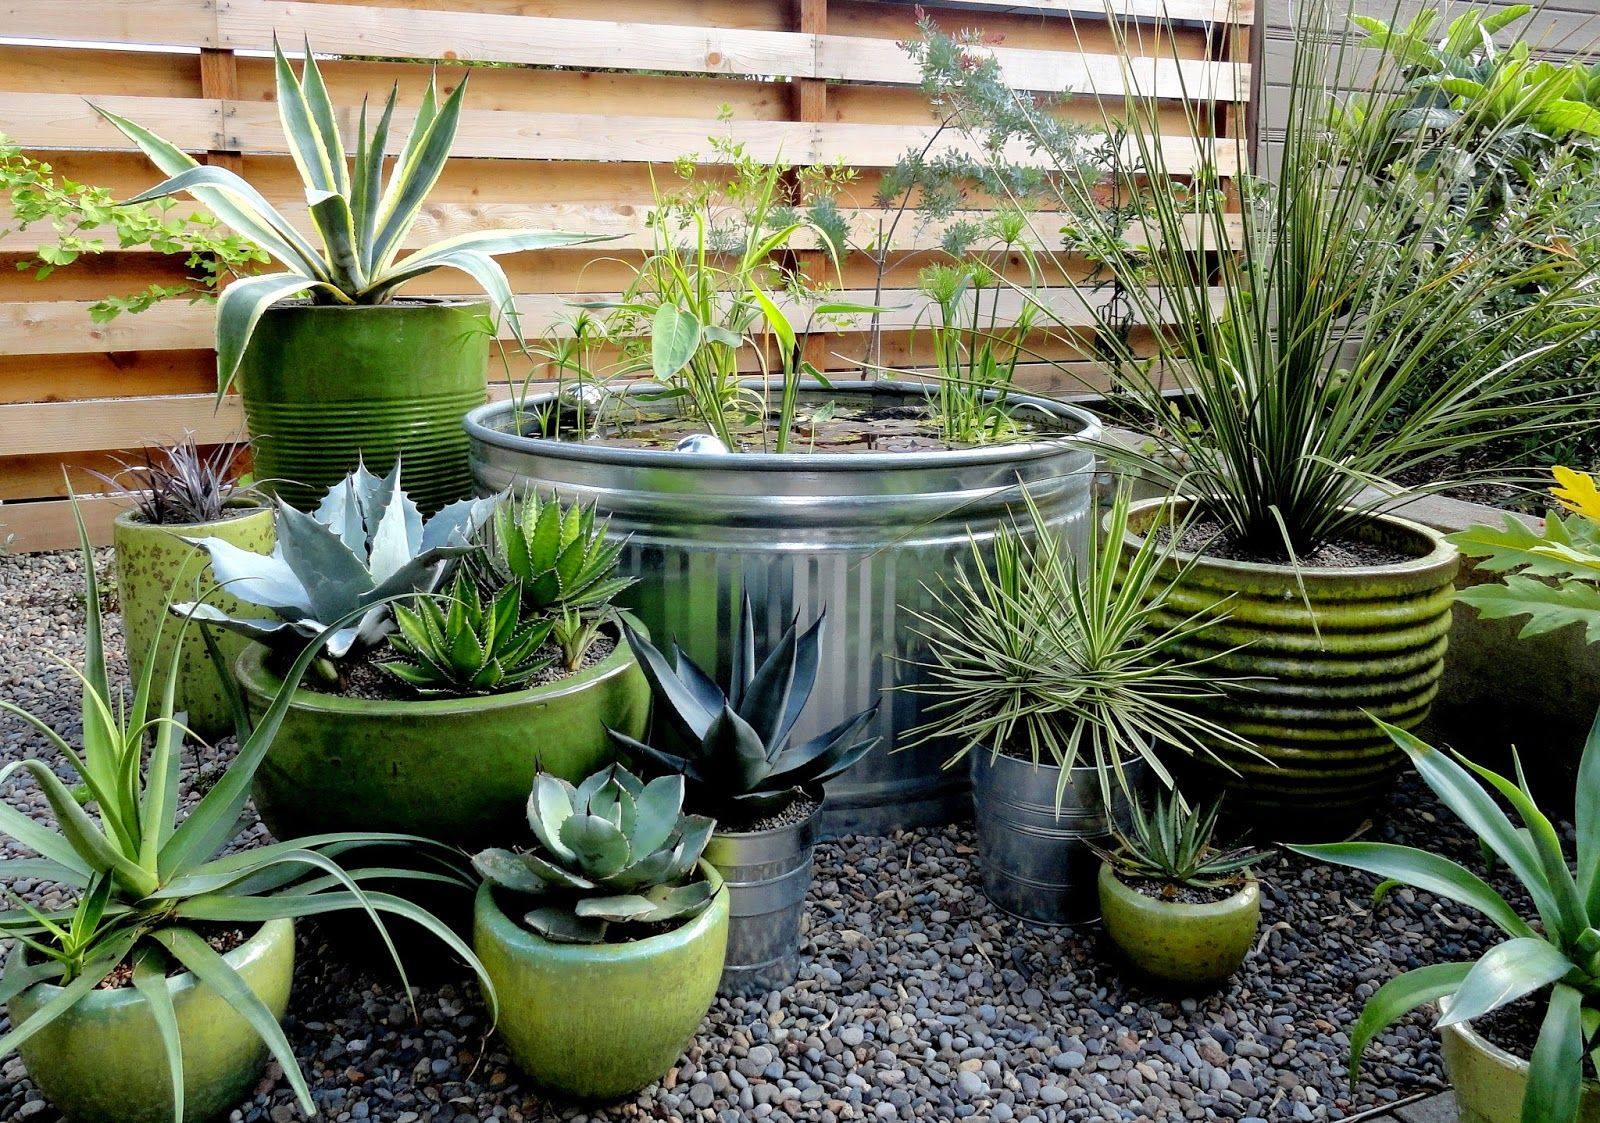 green colors | dachgarten/balkon | pinterest | gärten, farben und, Gartengerate ideen